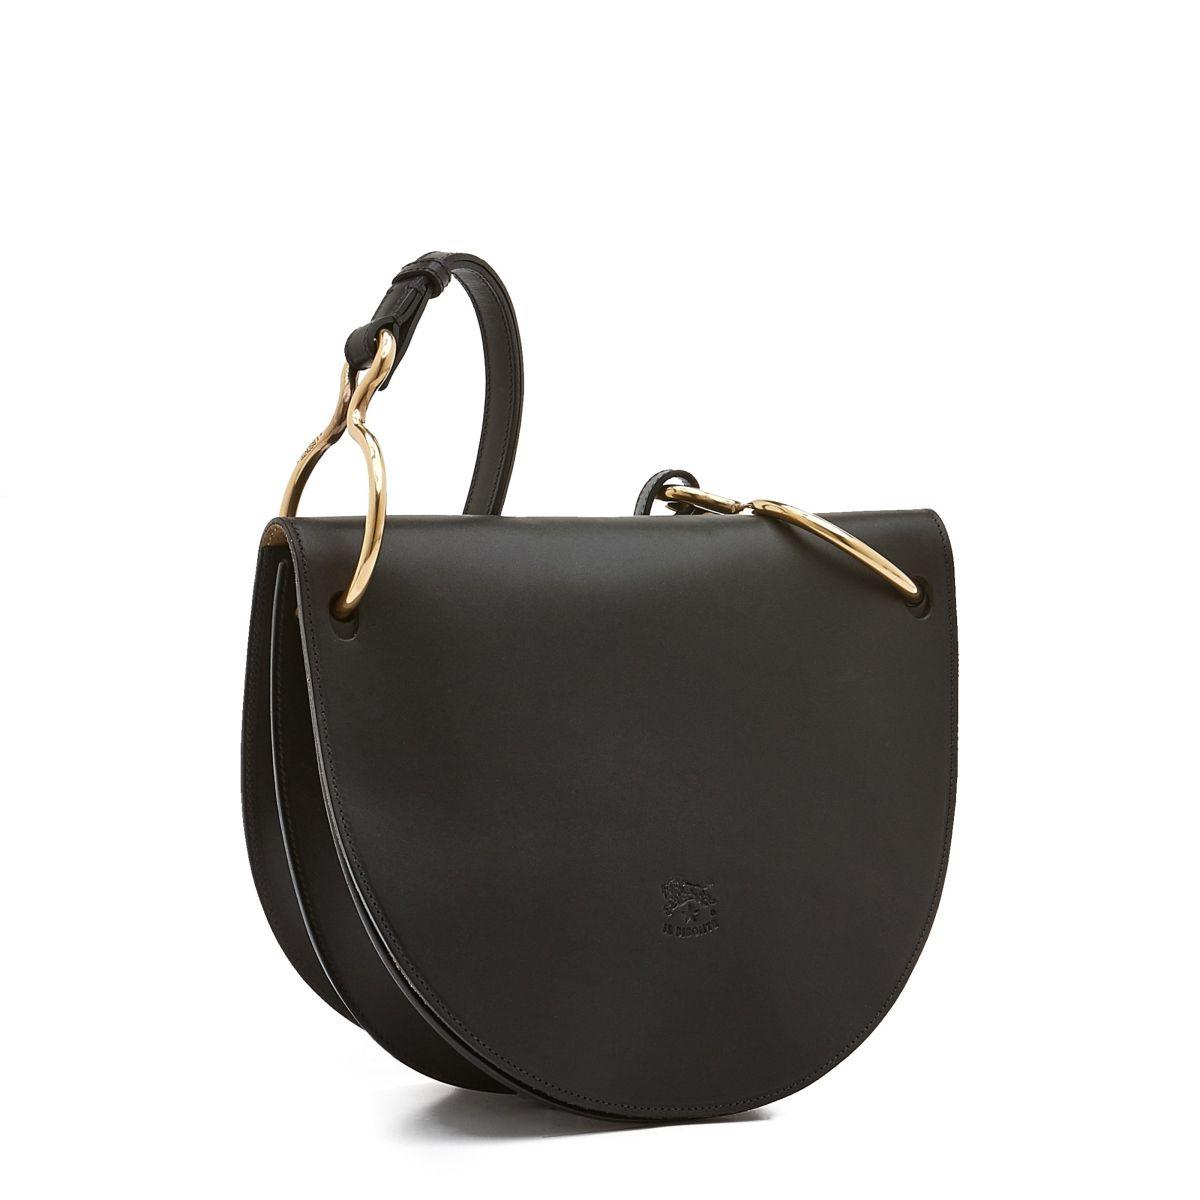 Sac Bandouliere pour Femme Consuelo en Cuir De Vachette BCR193 couleur Noir | Details